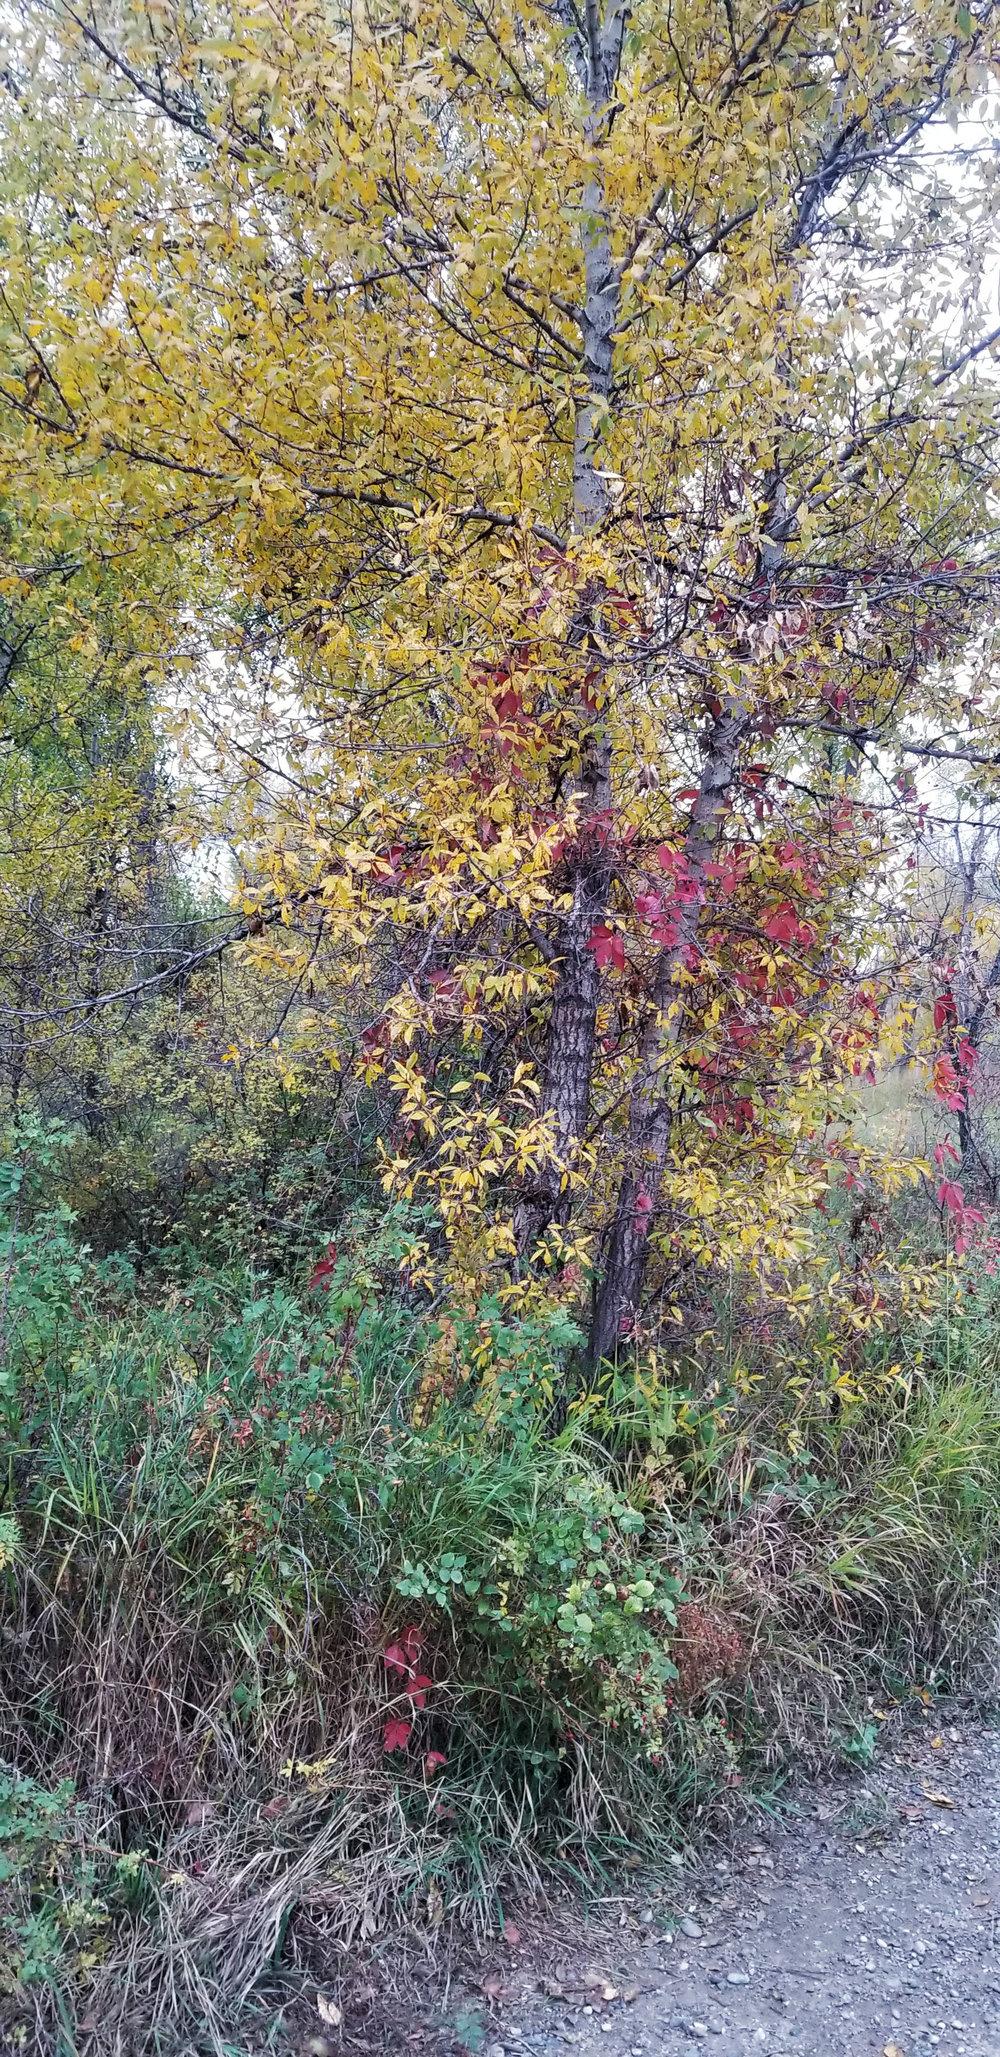 Beautiful falls colors in Billings, Montana